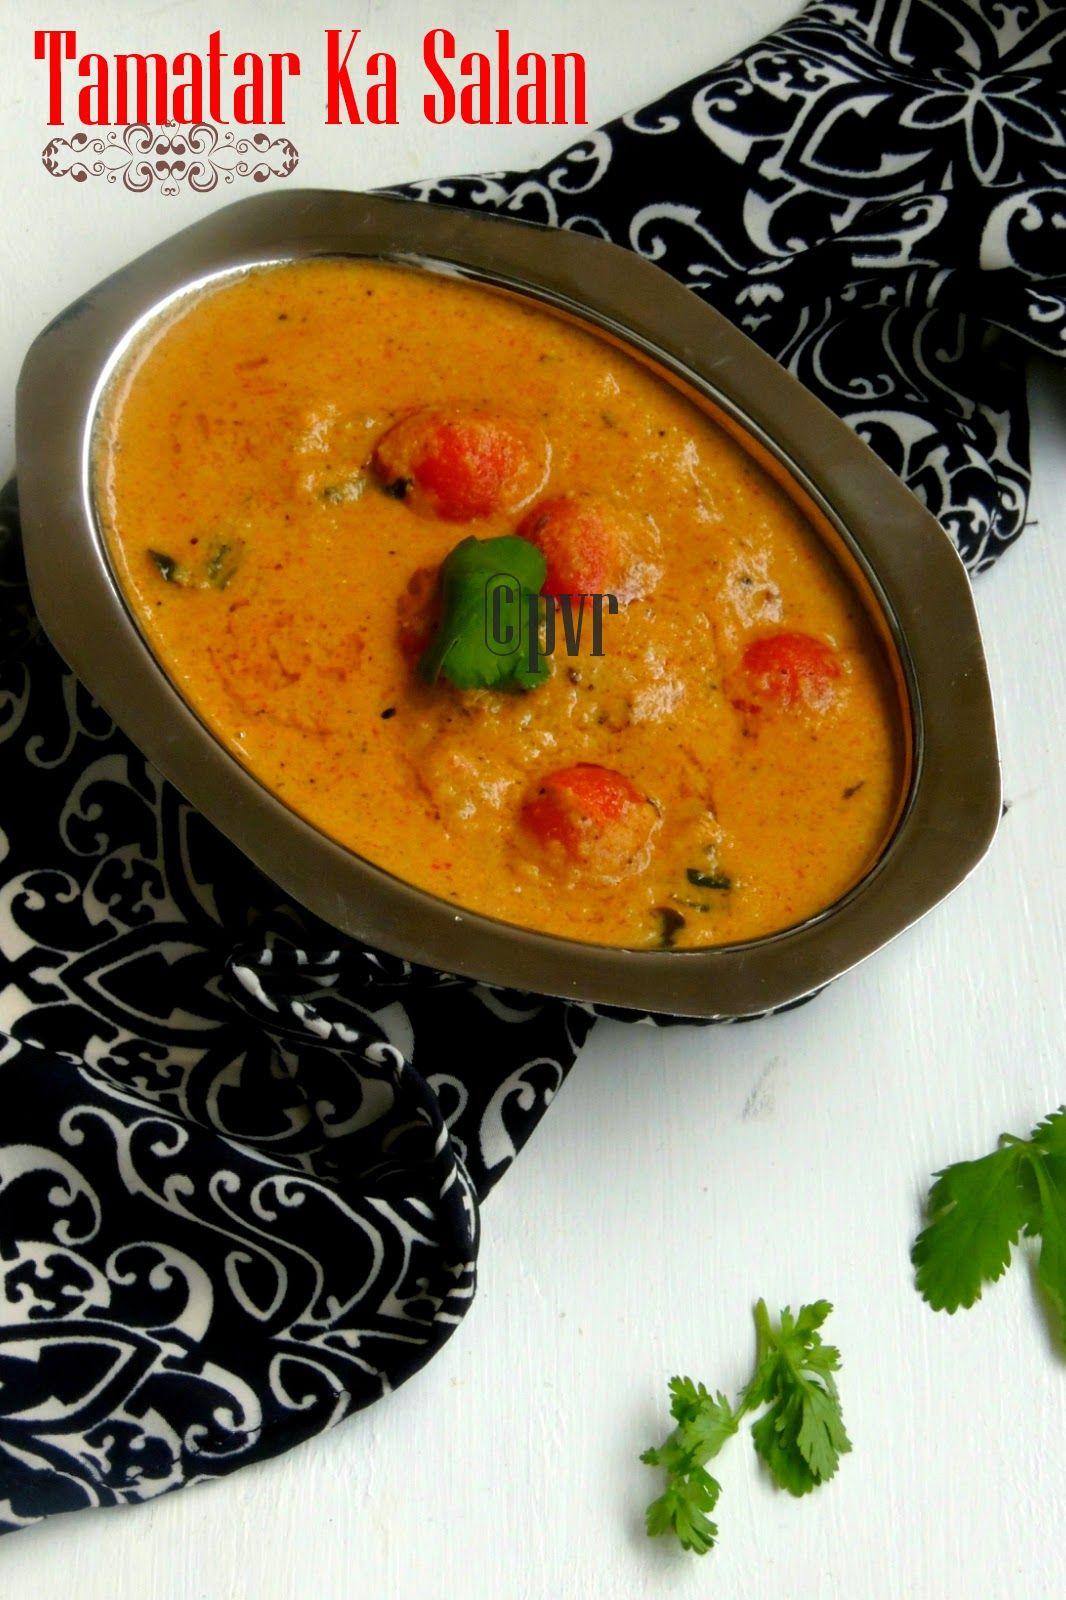 Tamatar ka salan andhra special recipes gravy and curry food blogs priyas versatile recipes tamatar ka salan andhra special forumfinder Gallery